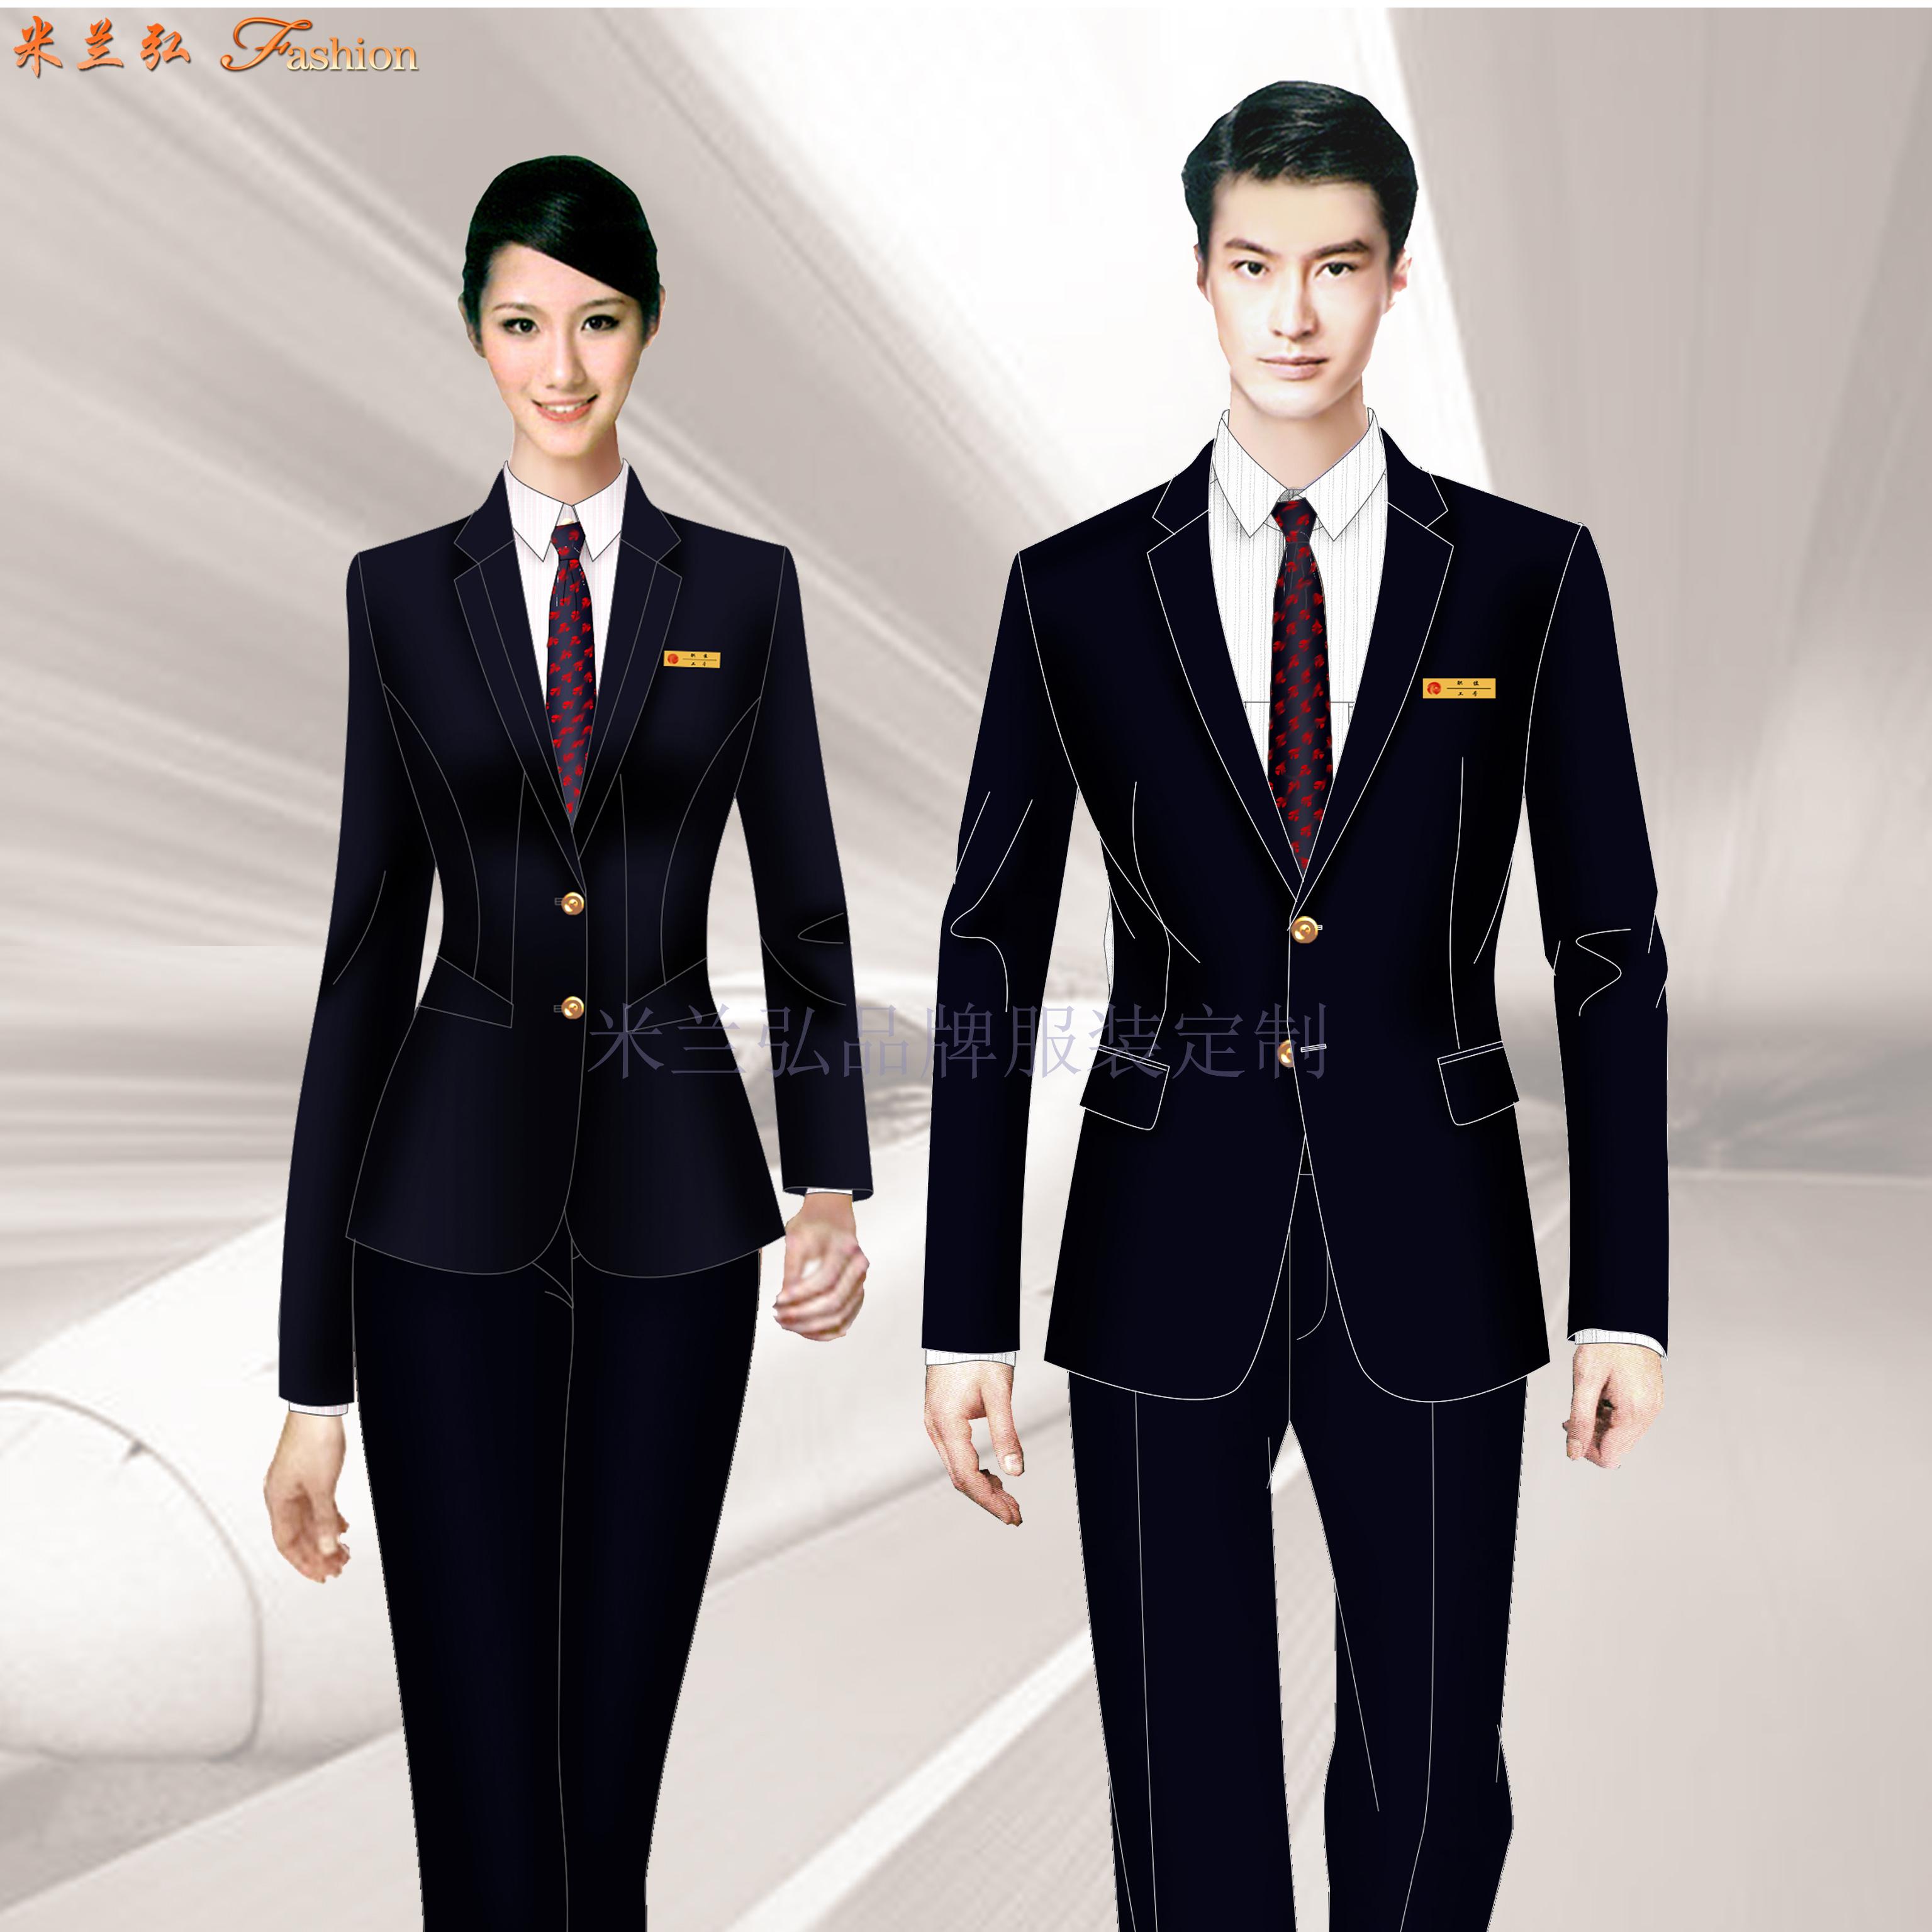 深圳寶安國際機場管理員行政西服定做-米蘭弘服裝廠家-1